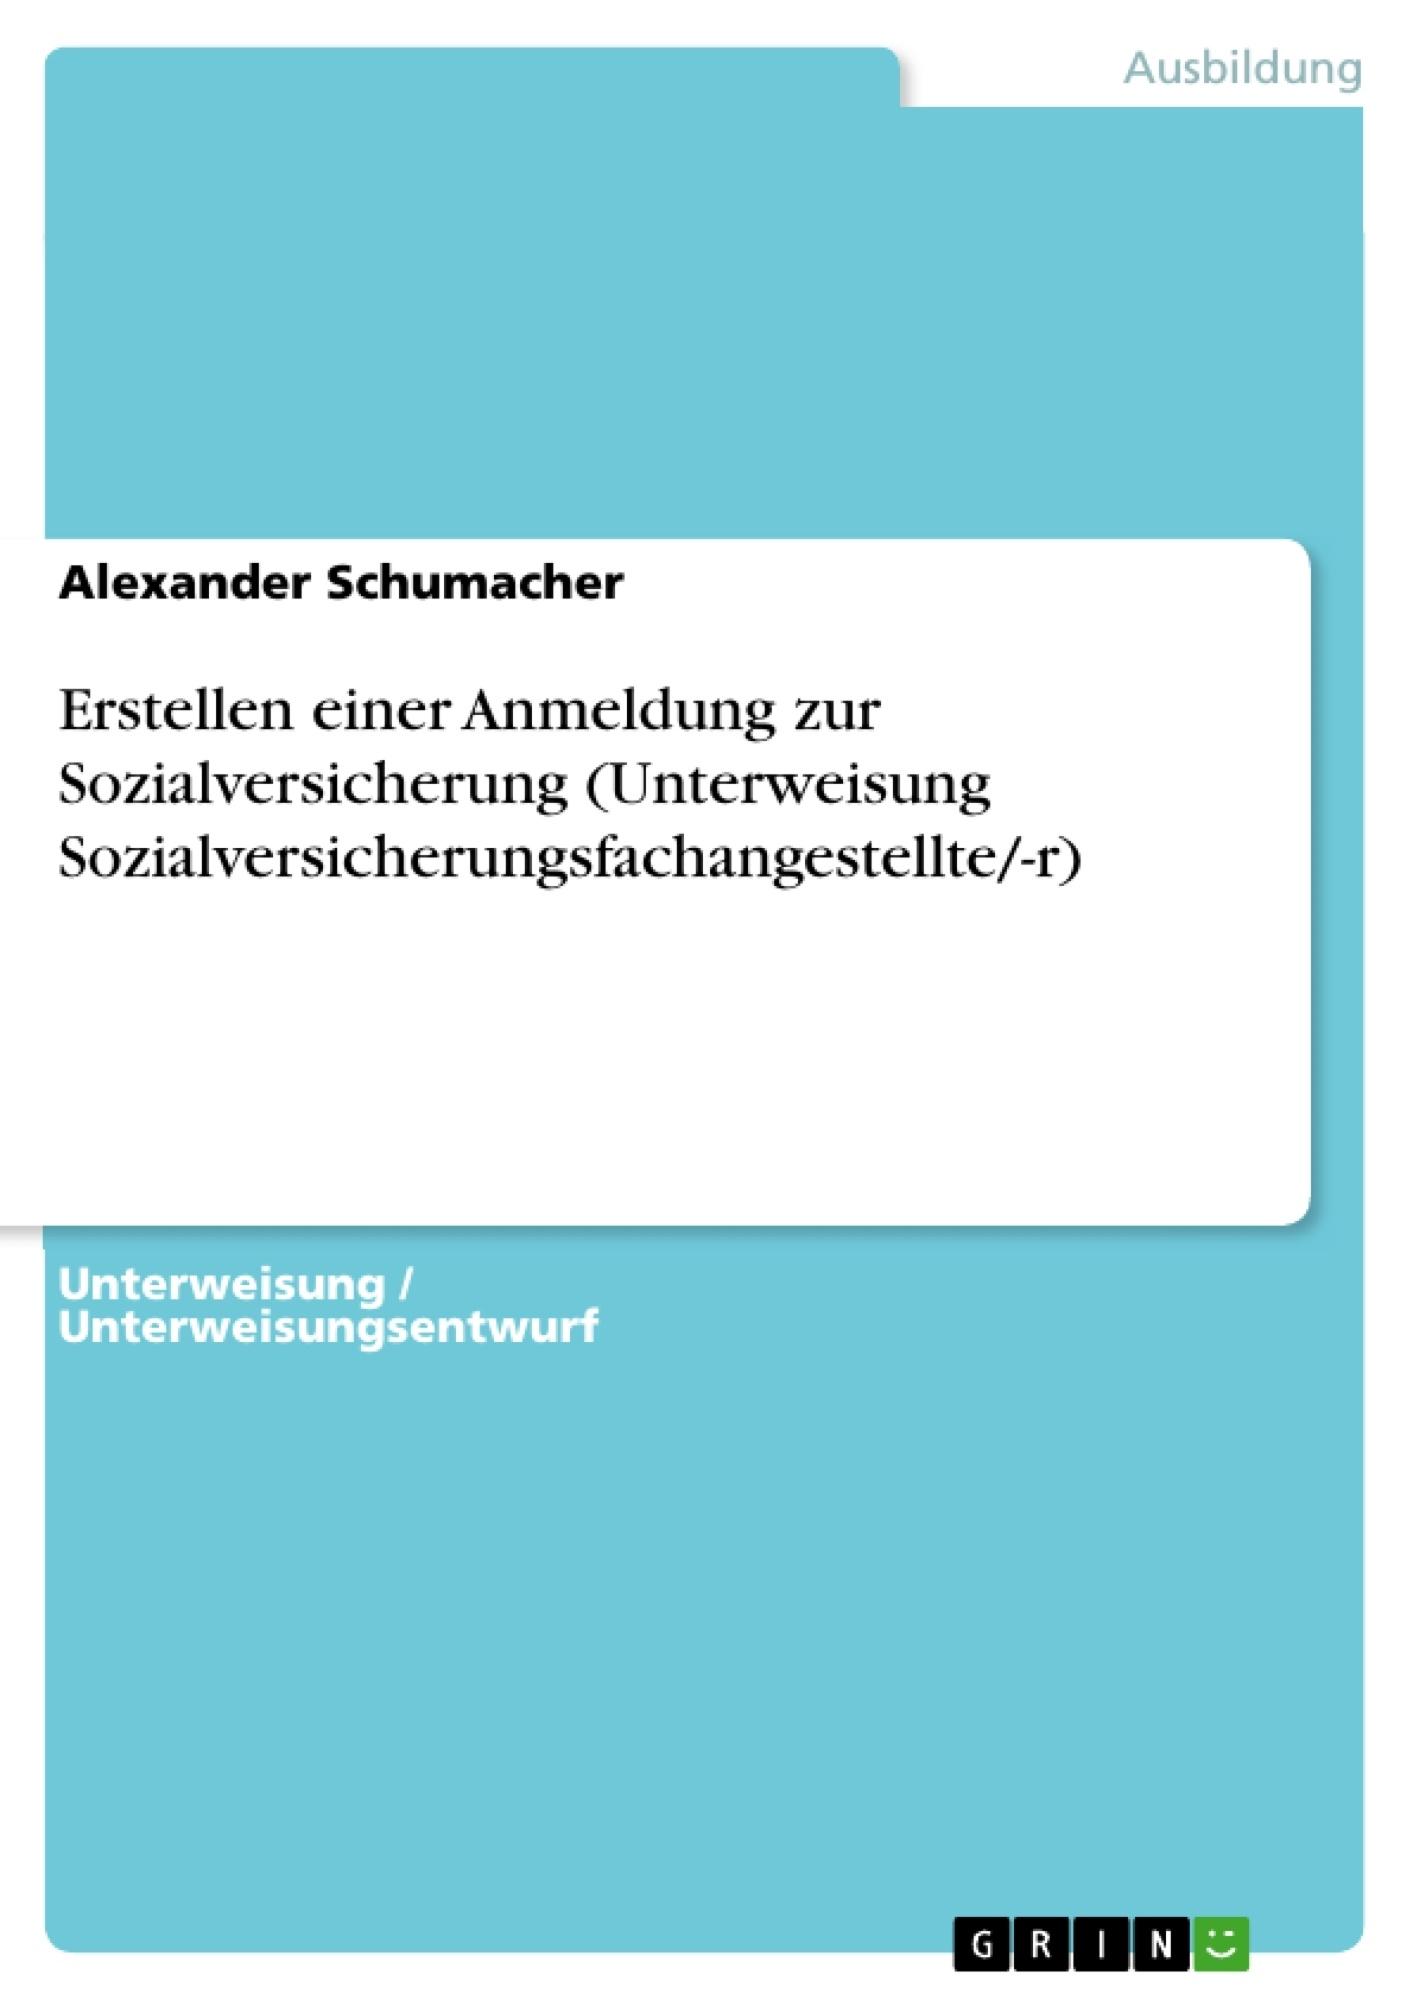 Titel: Erstellen einer Anmeldung zur Sozialversicherung (Unterweisung Sozialversicherungsfachangestellte/-r)